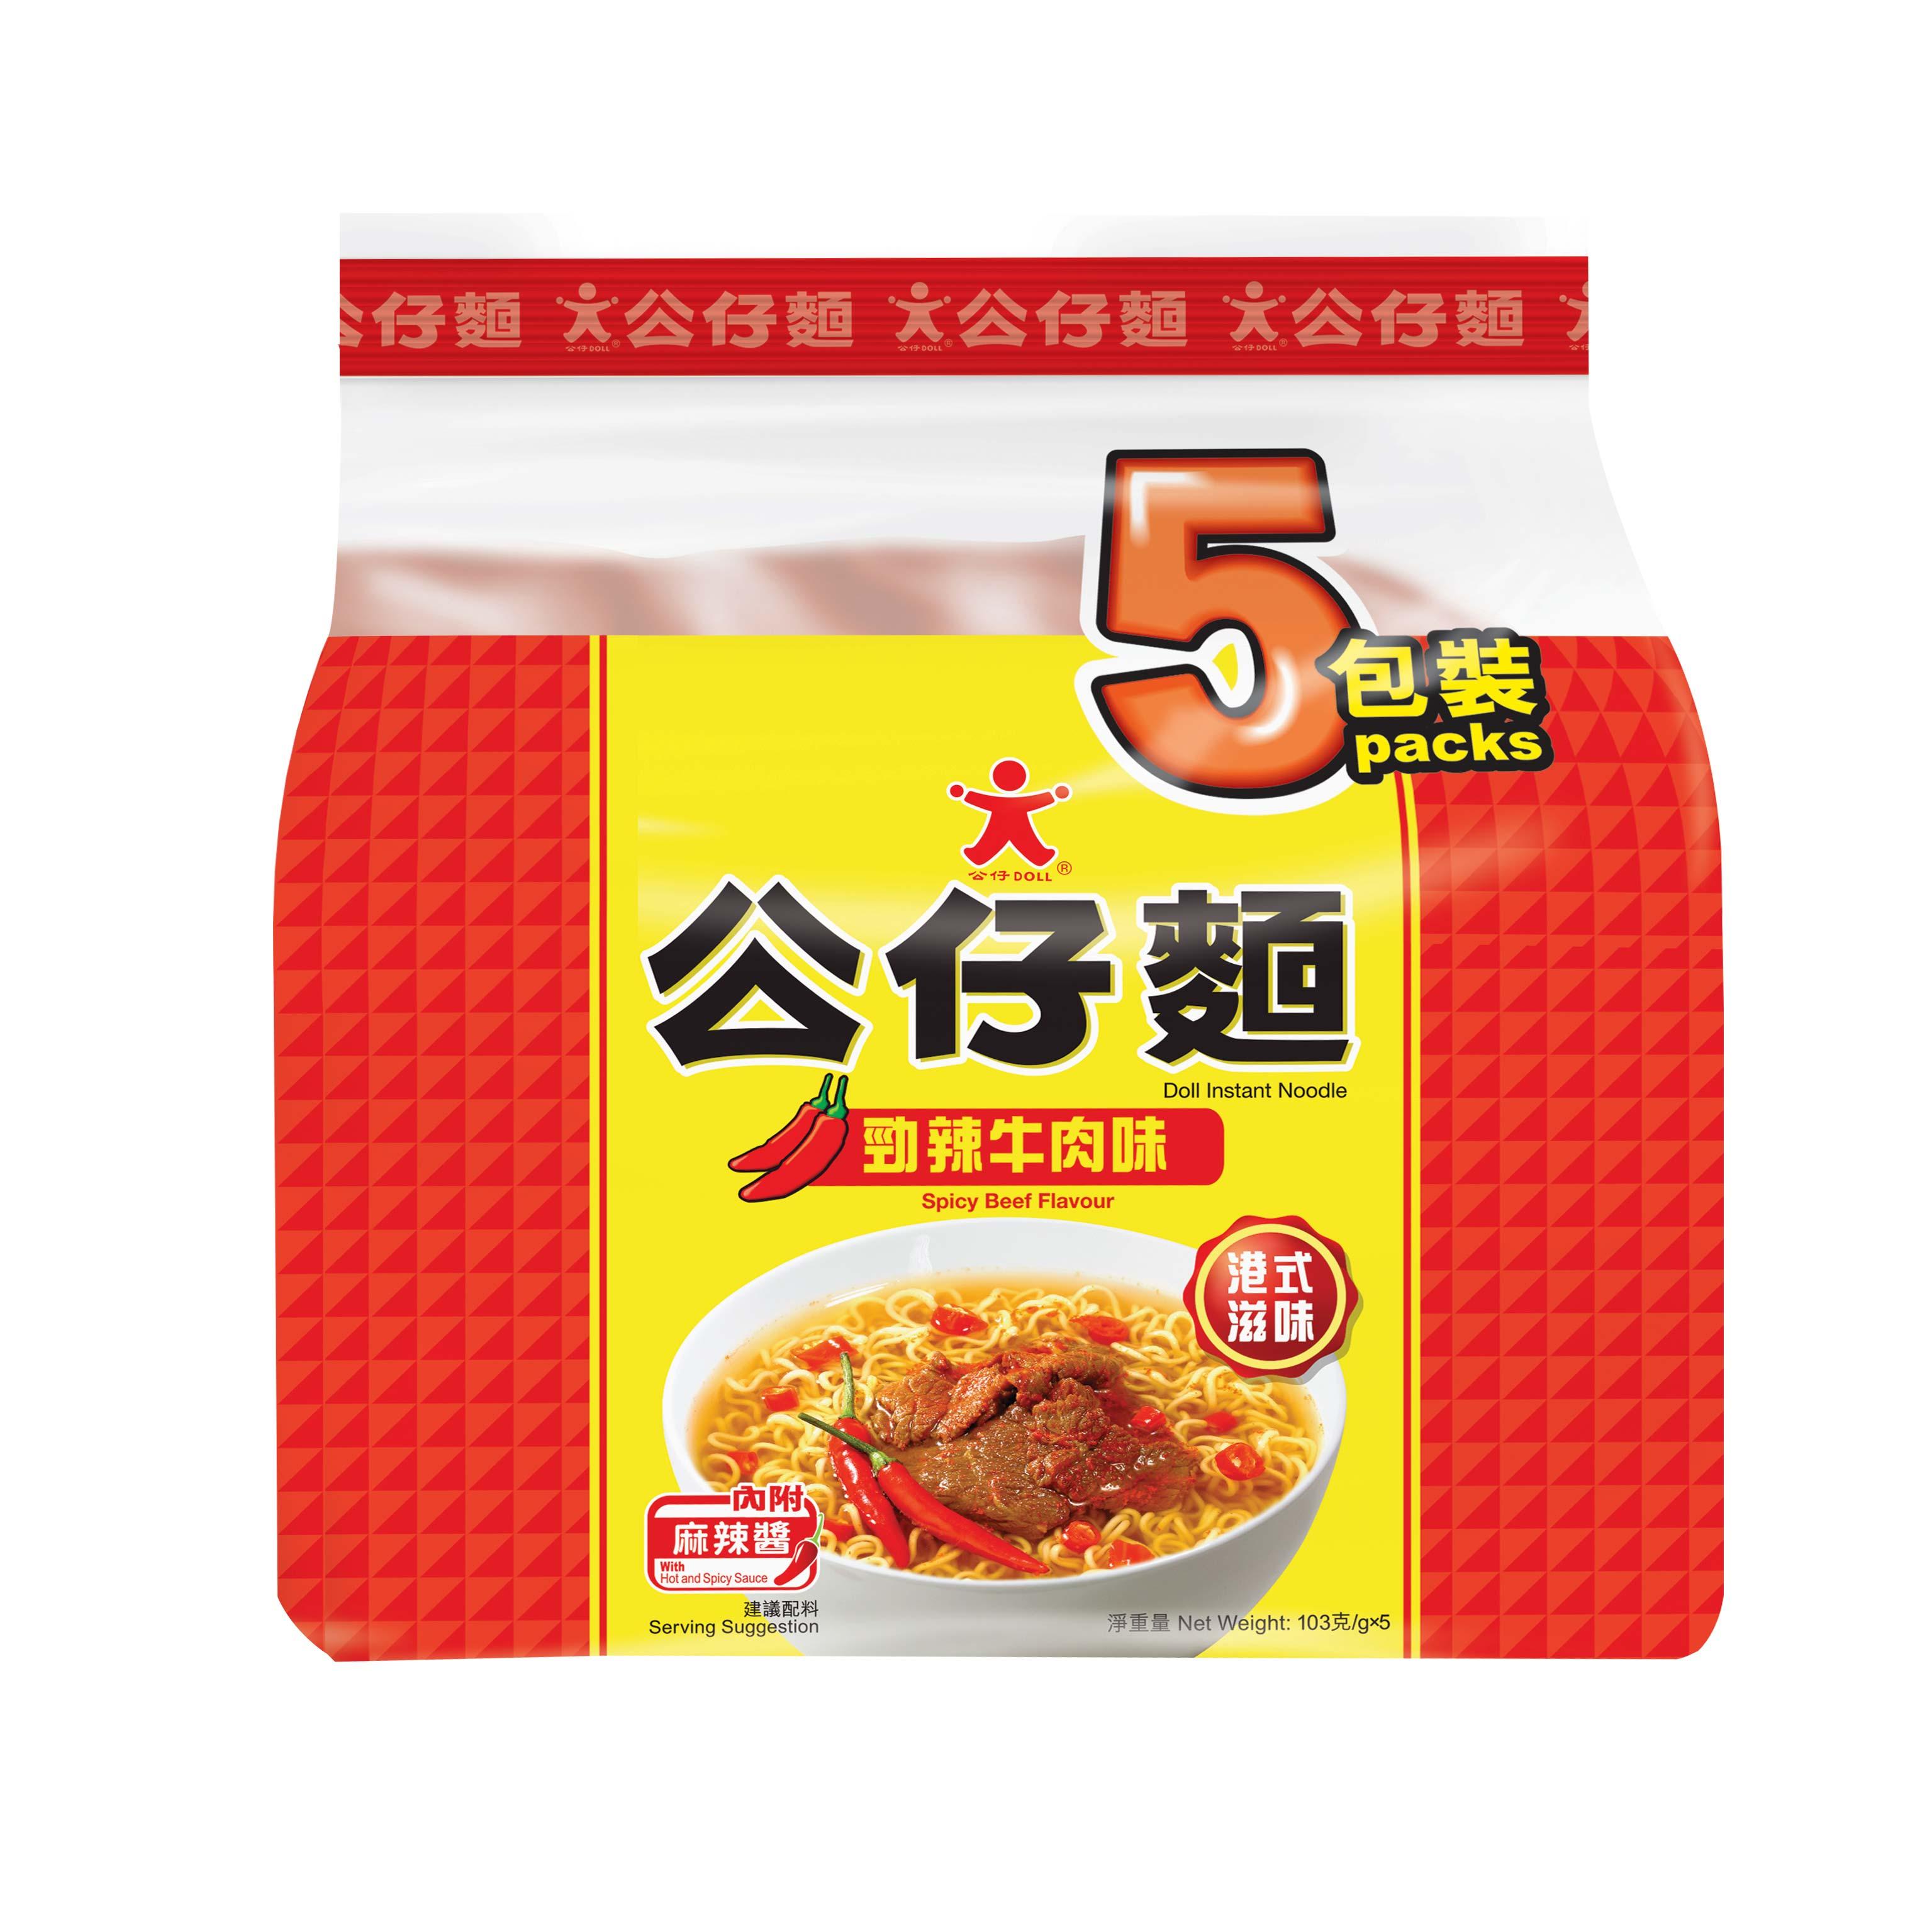 ~天貓超市~香港 方便麵 勁辣牛肉味公仔麵 5連包103g^~5